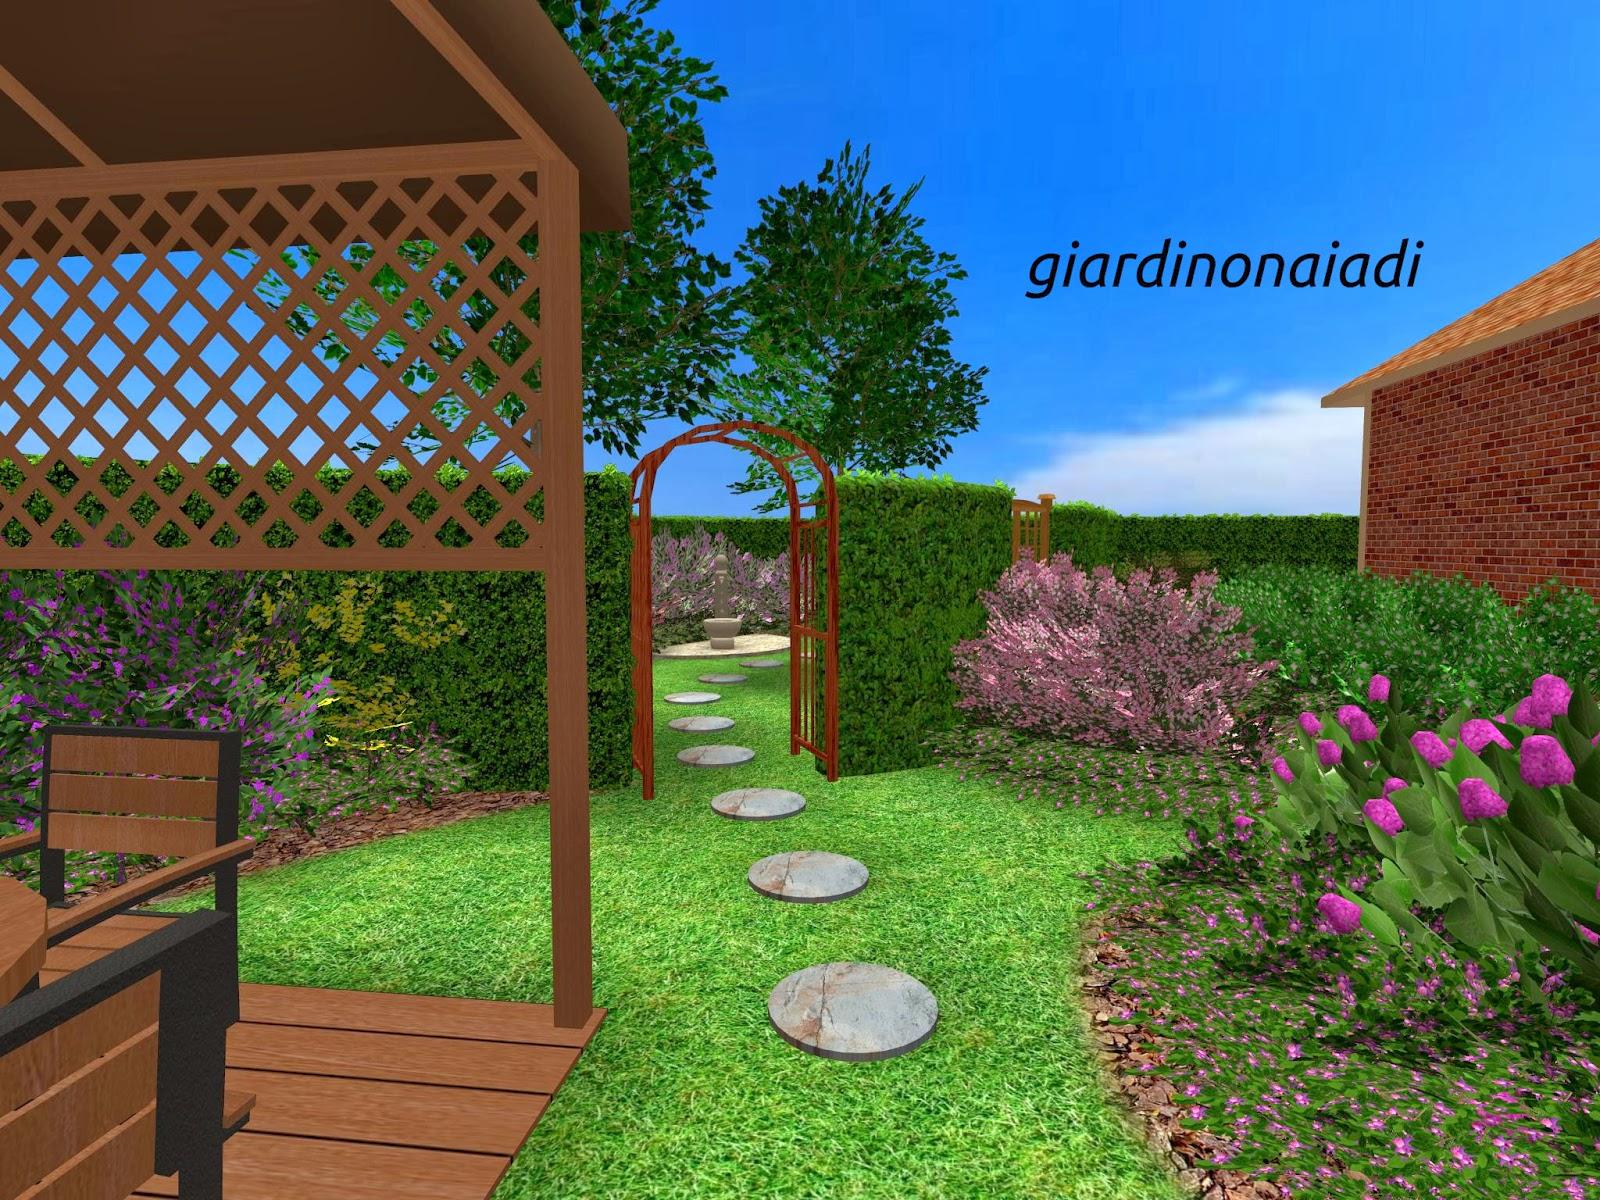 Il giardino delle naiadi il giardino segreto - Progetto per giardino ...